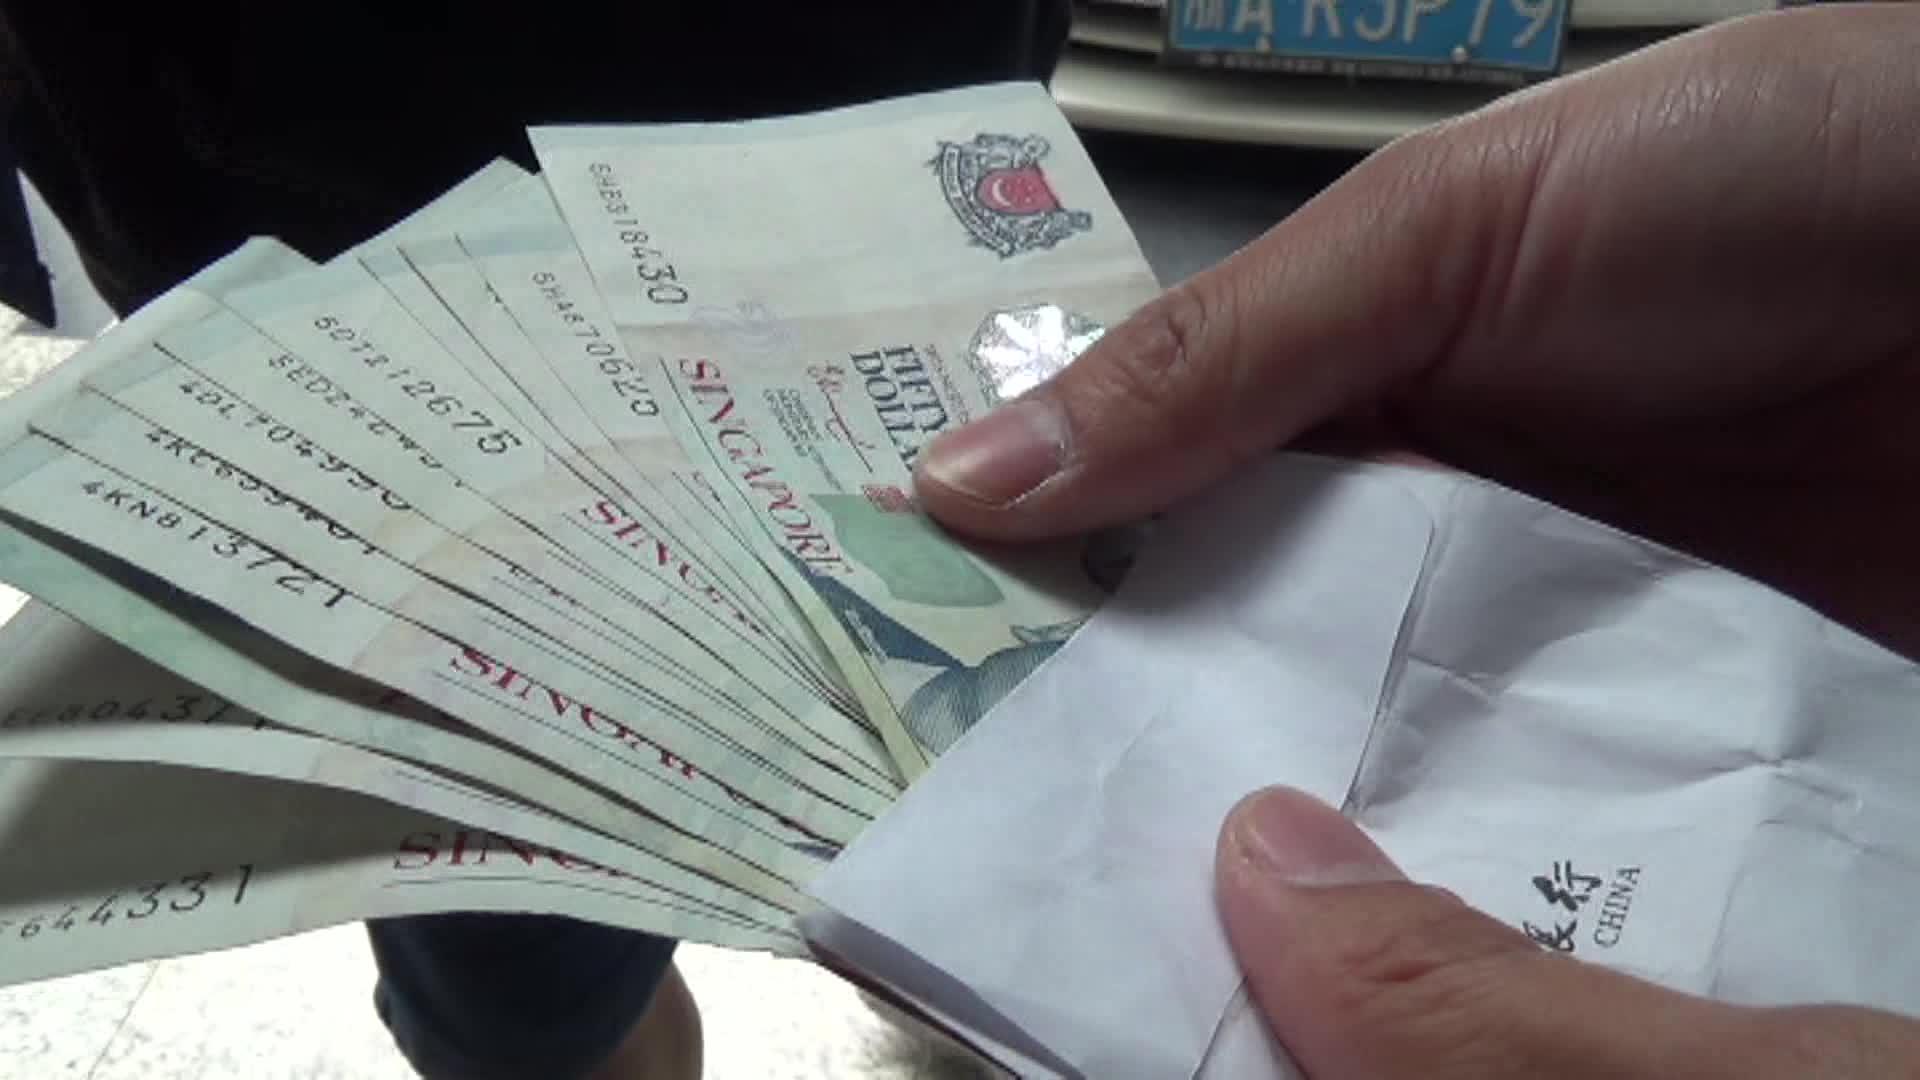 绿化带中捡到信封 里面竟是外币